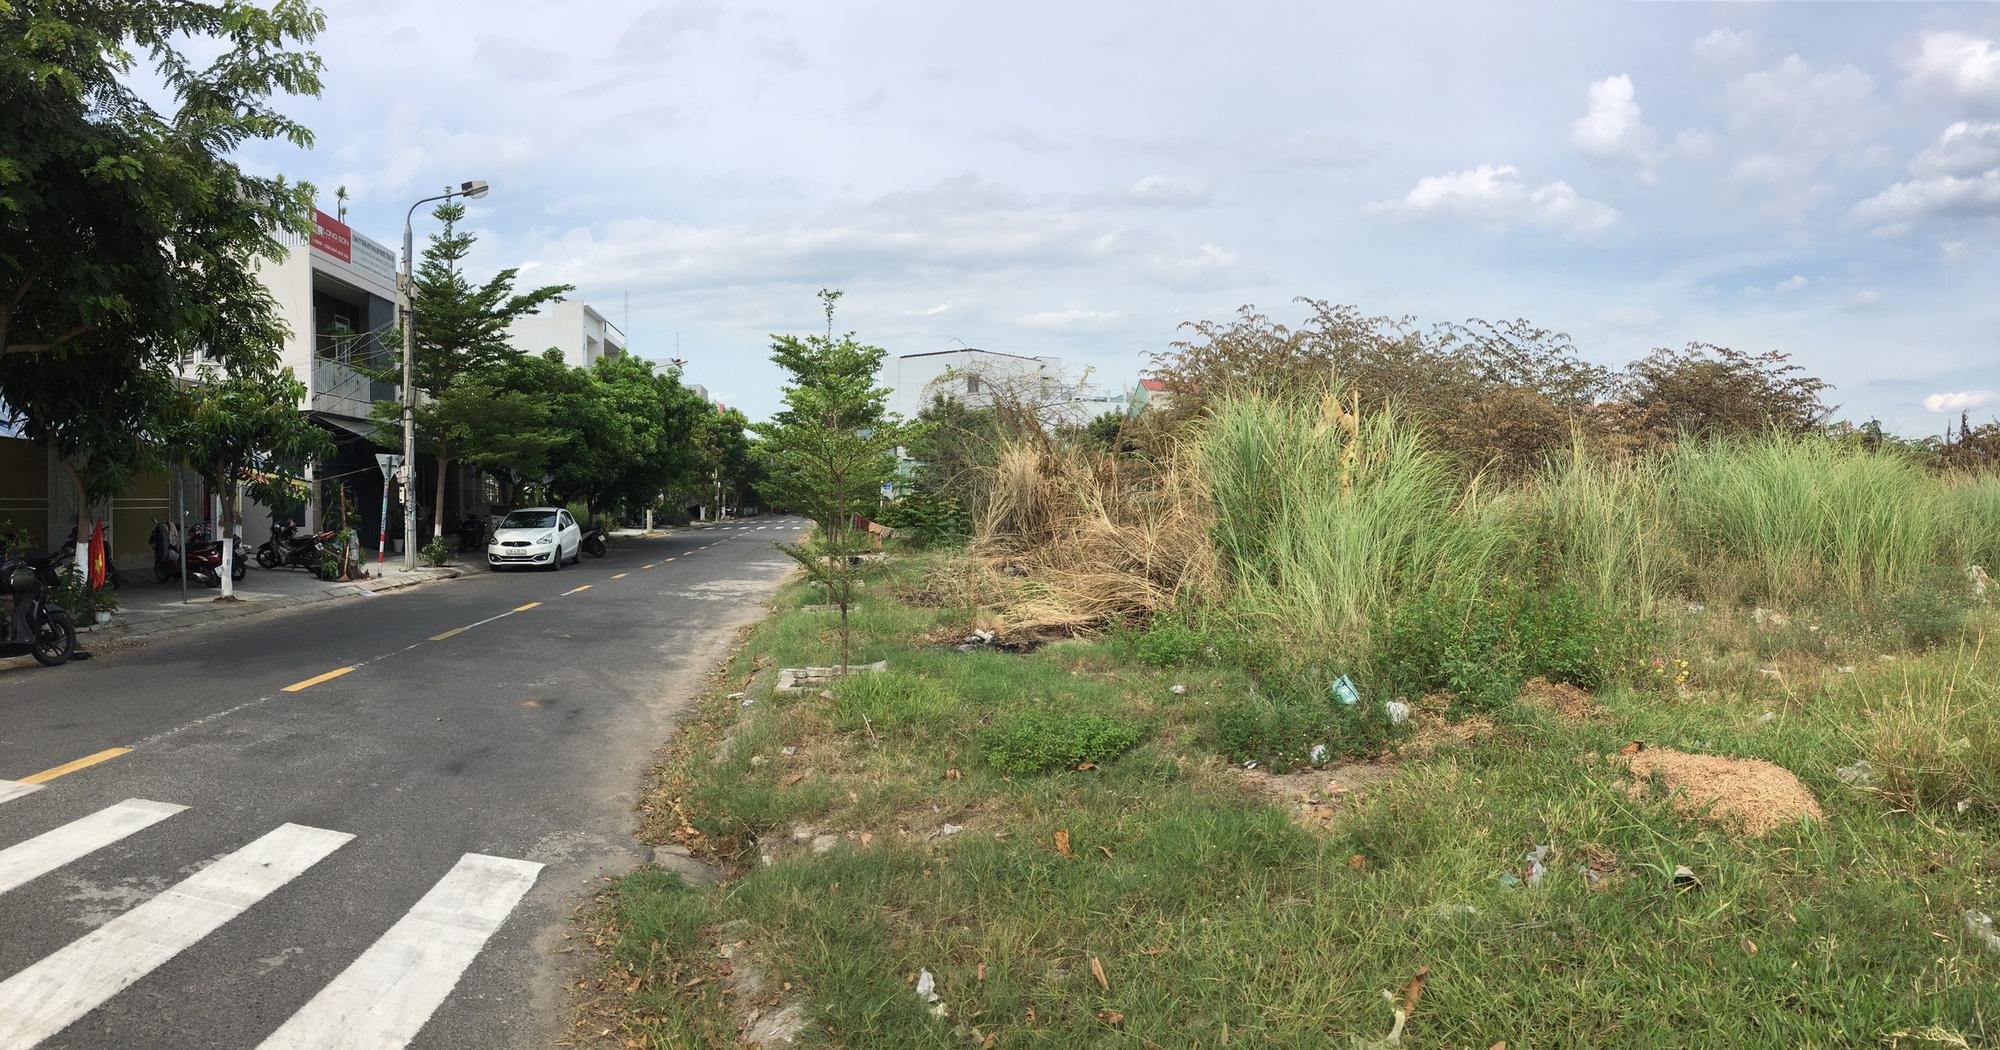 Ba khu đất sát sông Hàn, khu công nghiệp Thủy sản Đà Nẵng kêu gọi đầu tư - Ảnh 6.